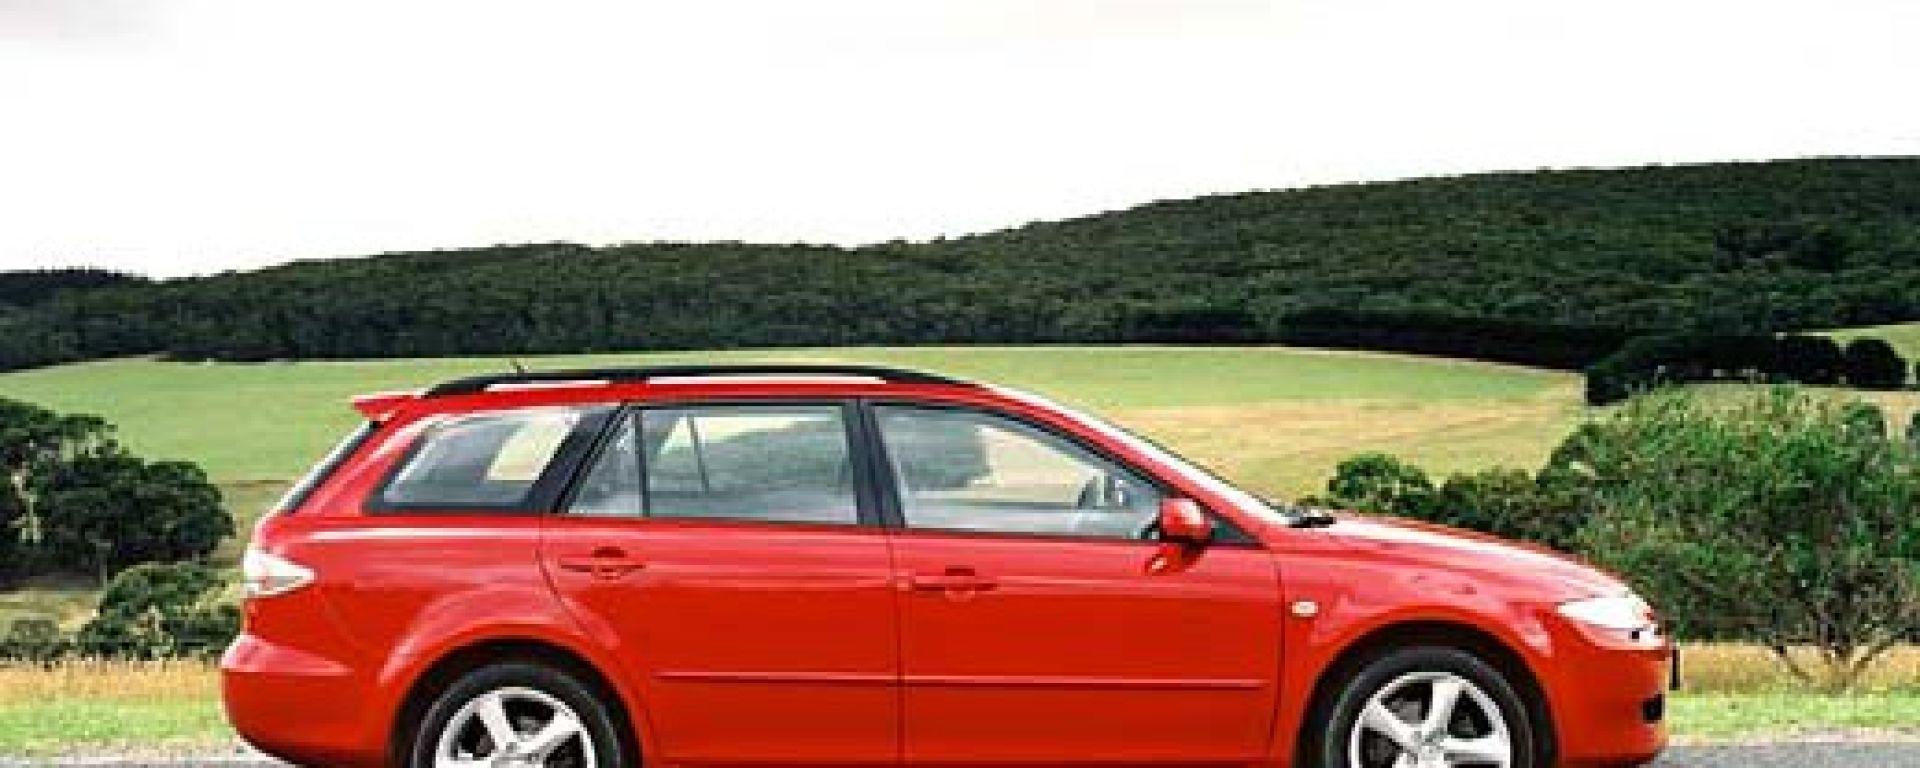 Anteprima:Mazda6 Station Wagon